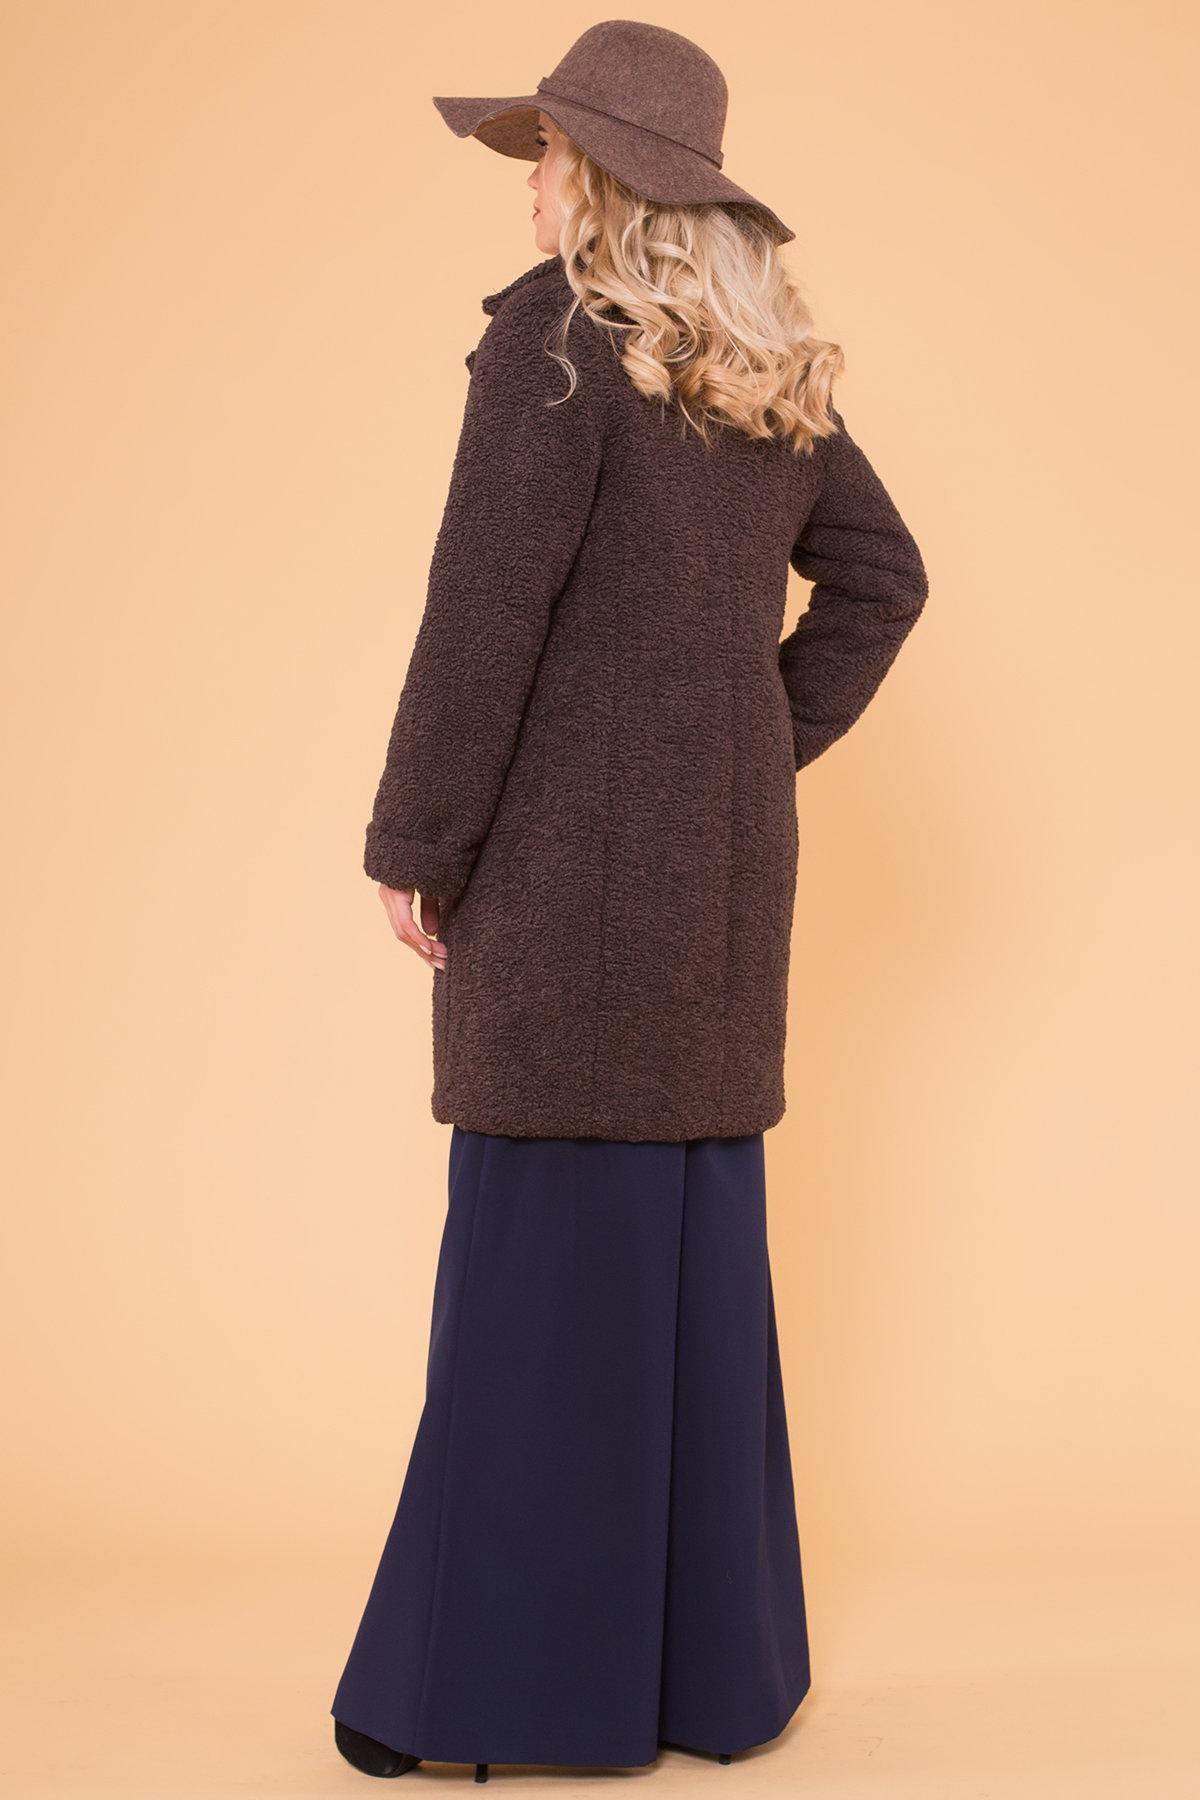 Пальто меховое зима Приора 6011 АРТ. 40971 Цвет: Шоколад - фото 2, интернет магазин tm-modus.ru